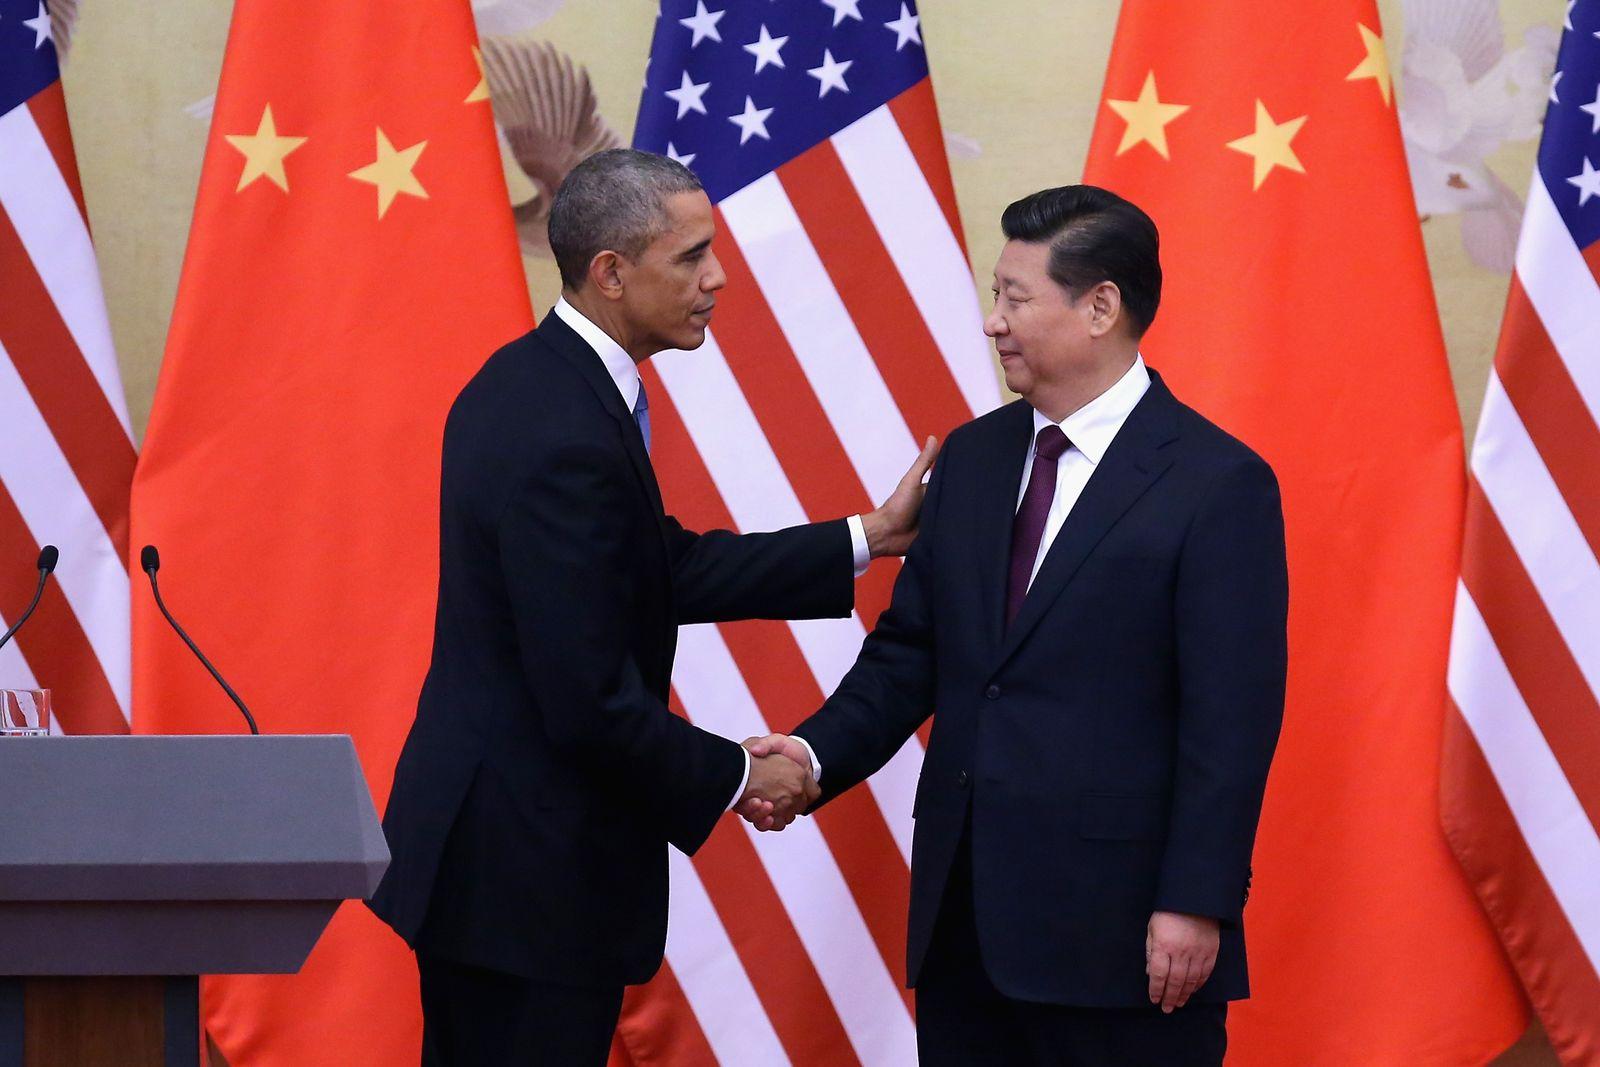 Barack Obama Xi Jinping handshake